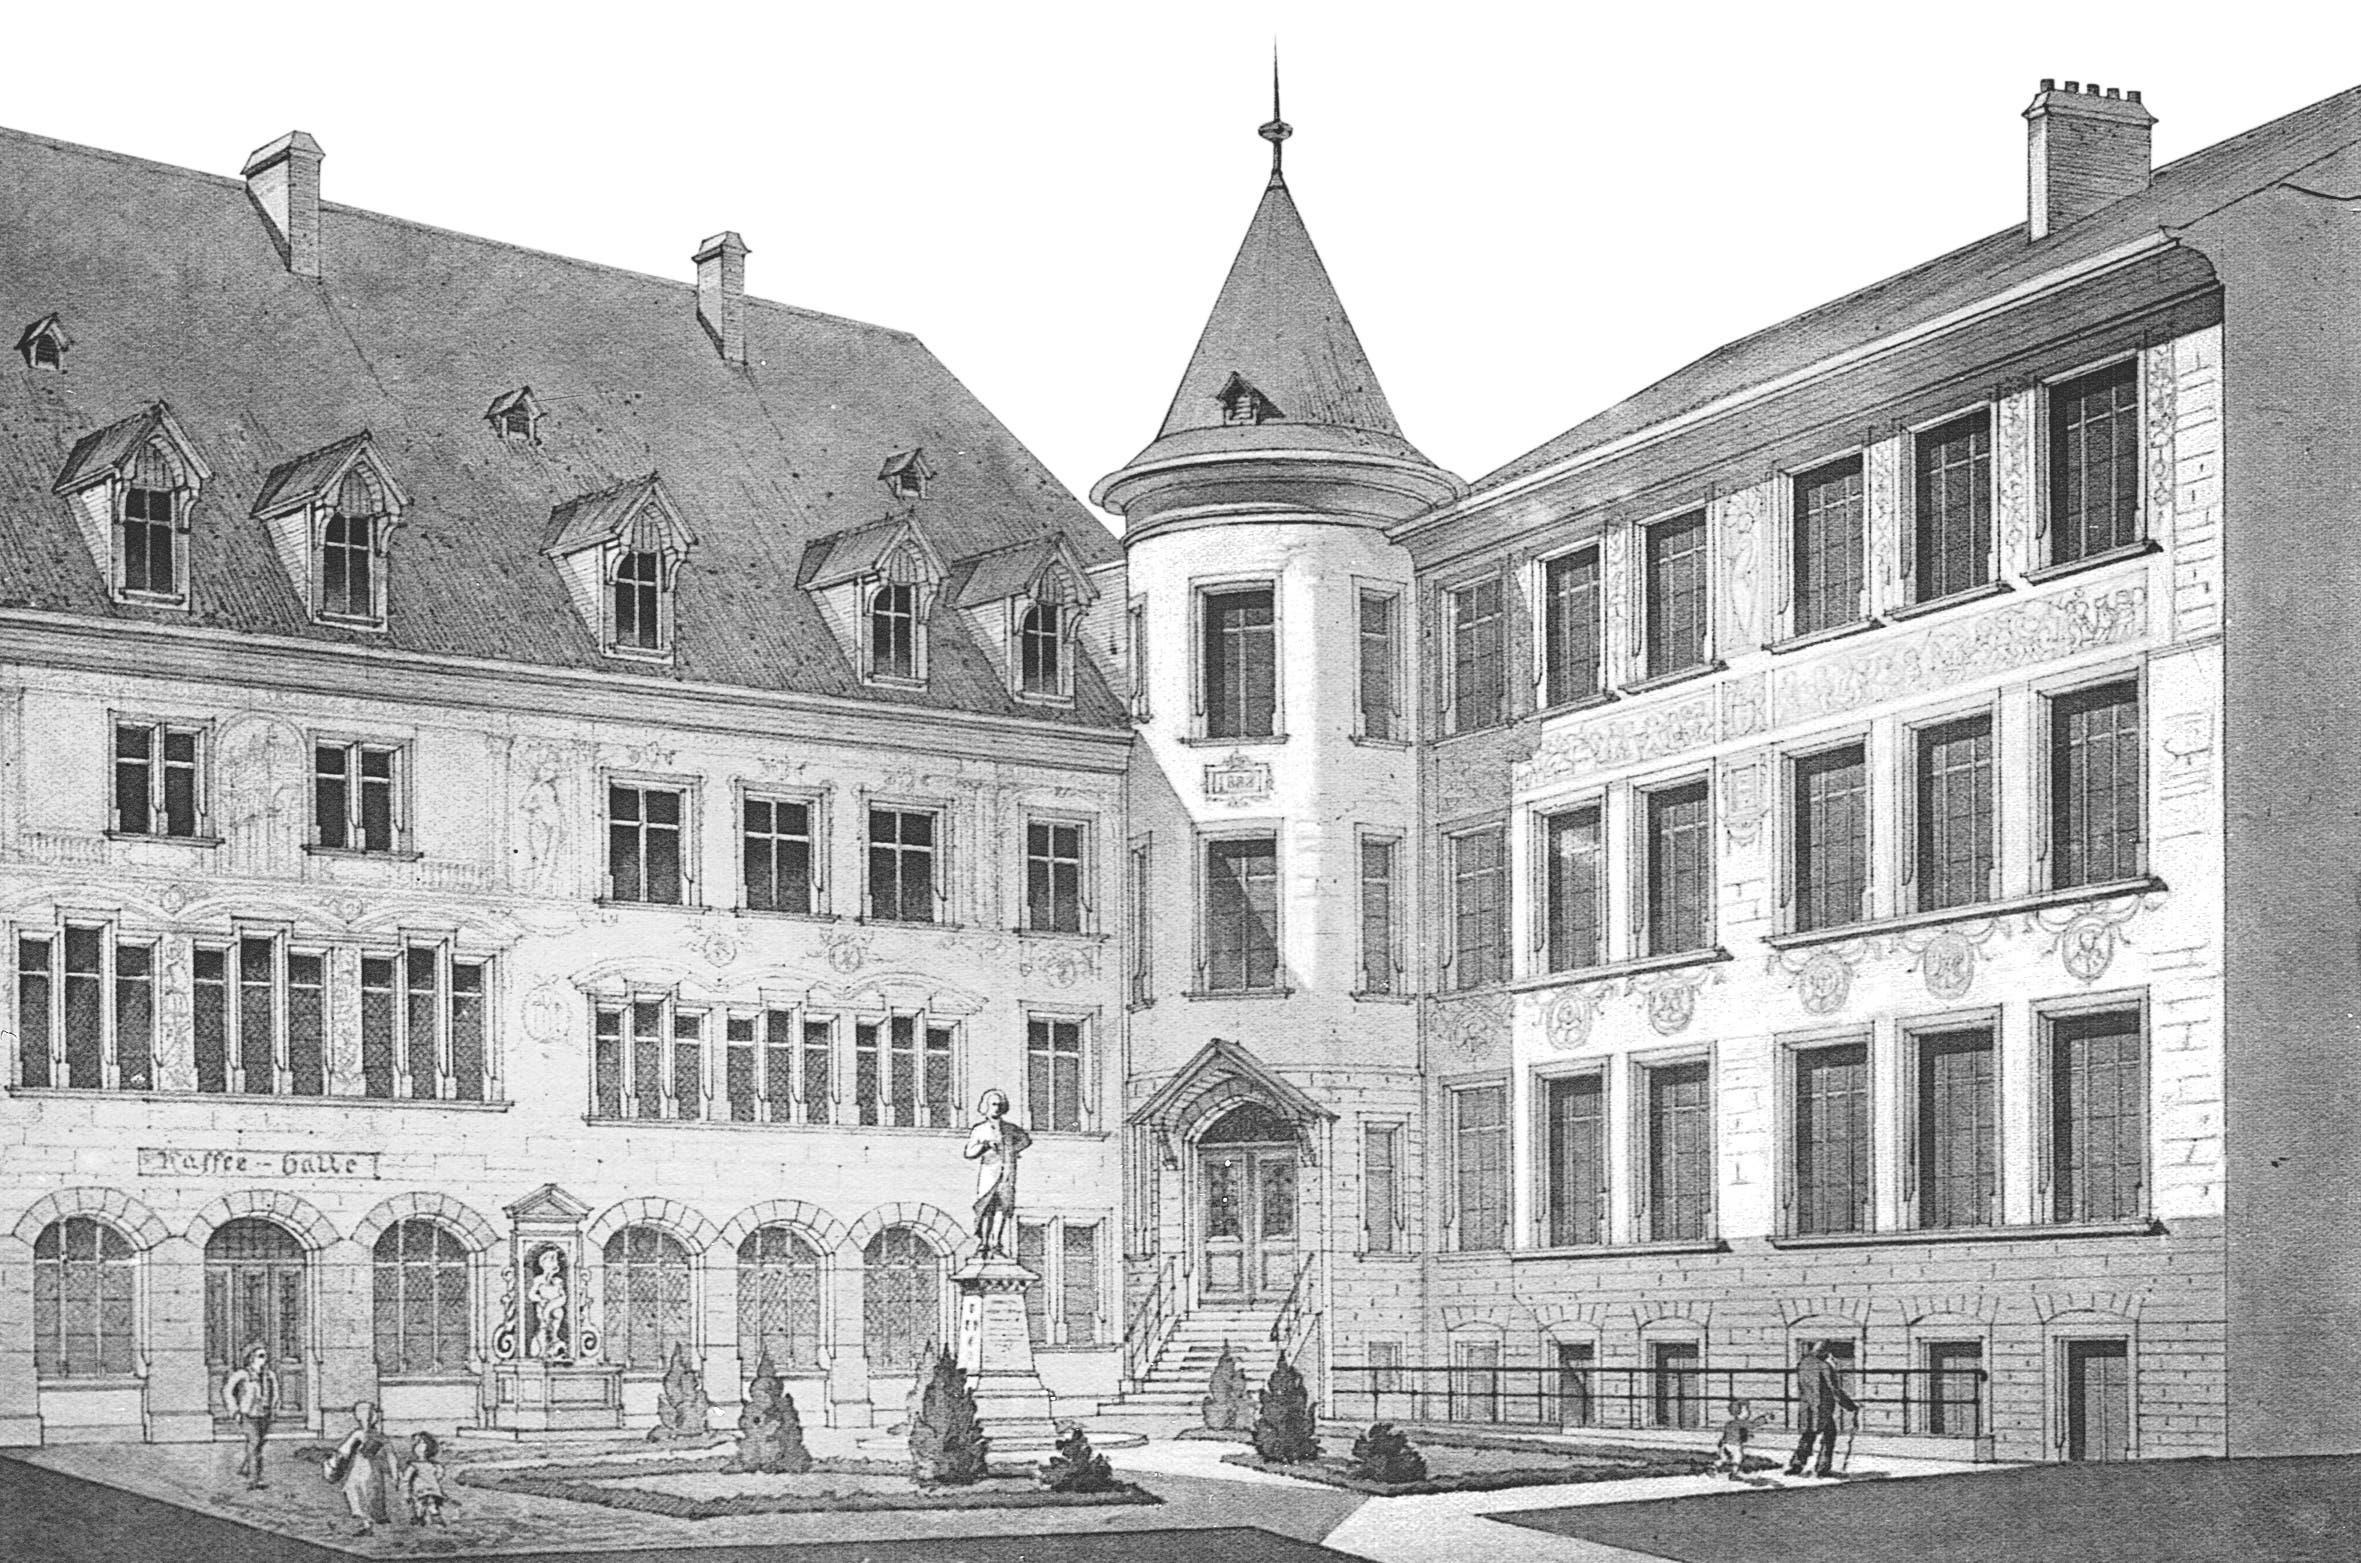 1787 Die Lesegesellschaft gilt als Wiege der Casino-Gesellschaft und somit des Musiksaals. Sie wurde 1787 in der Schmiedezunft in Basel gegründet. Sie war einer der wenigen Orte, wo sich die aufgeklärte bürgerliche Gesellschaft der Stadt treffen konnte. Damals jedoch noch ohne Begleitung der Frauen. (Auf dem Bild zu sehen: Der Innenhof des Schmiedenhofs mit der Statue von Isaak Iselin )